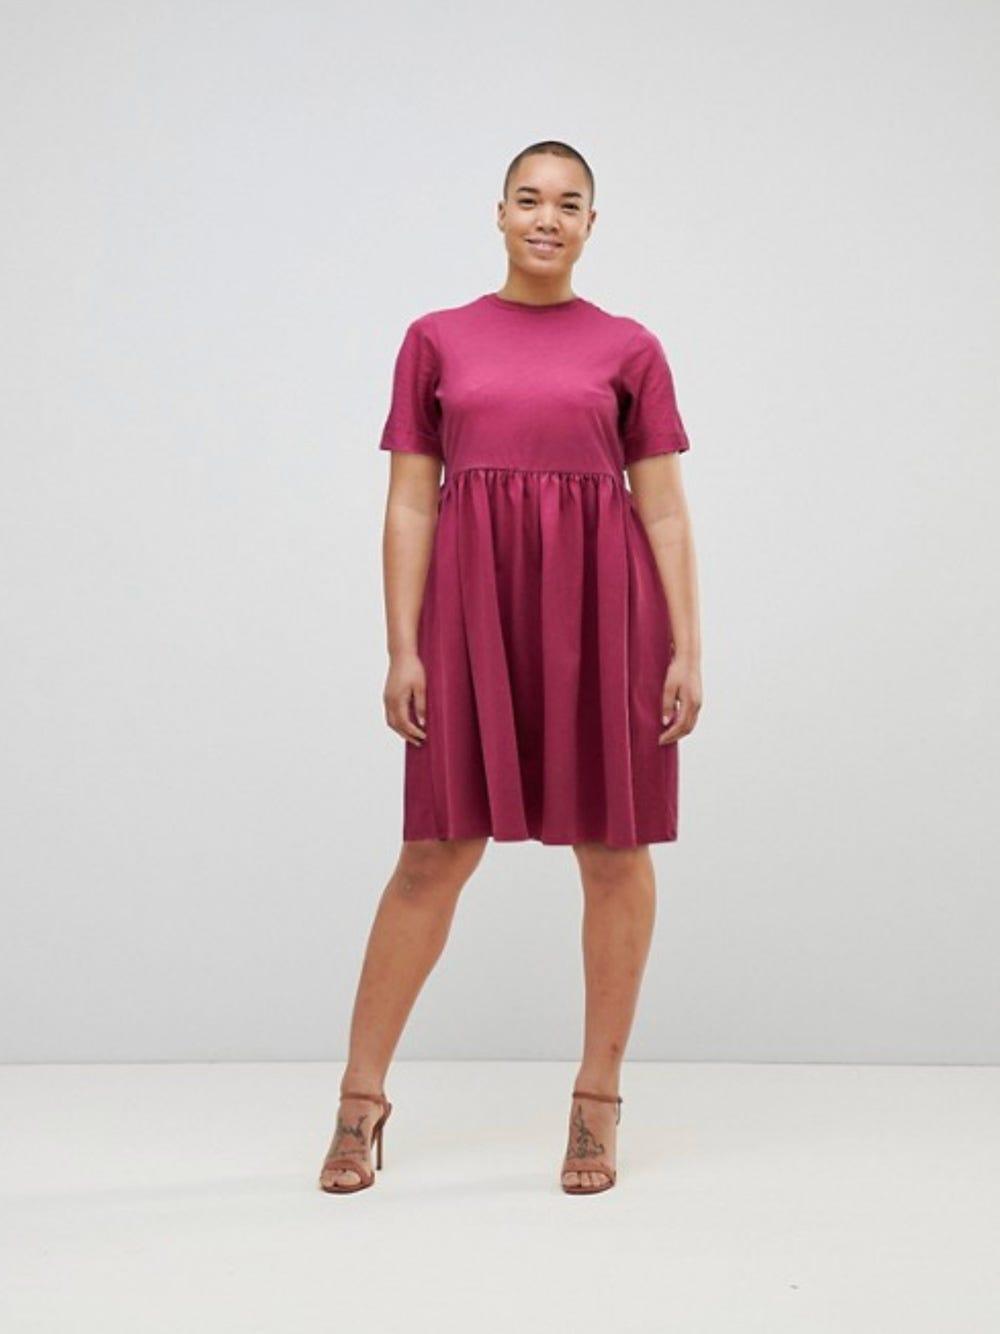 Plus Size Clothes Size  Online